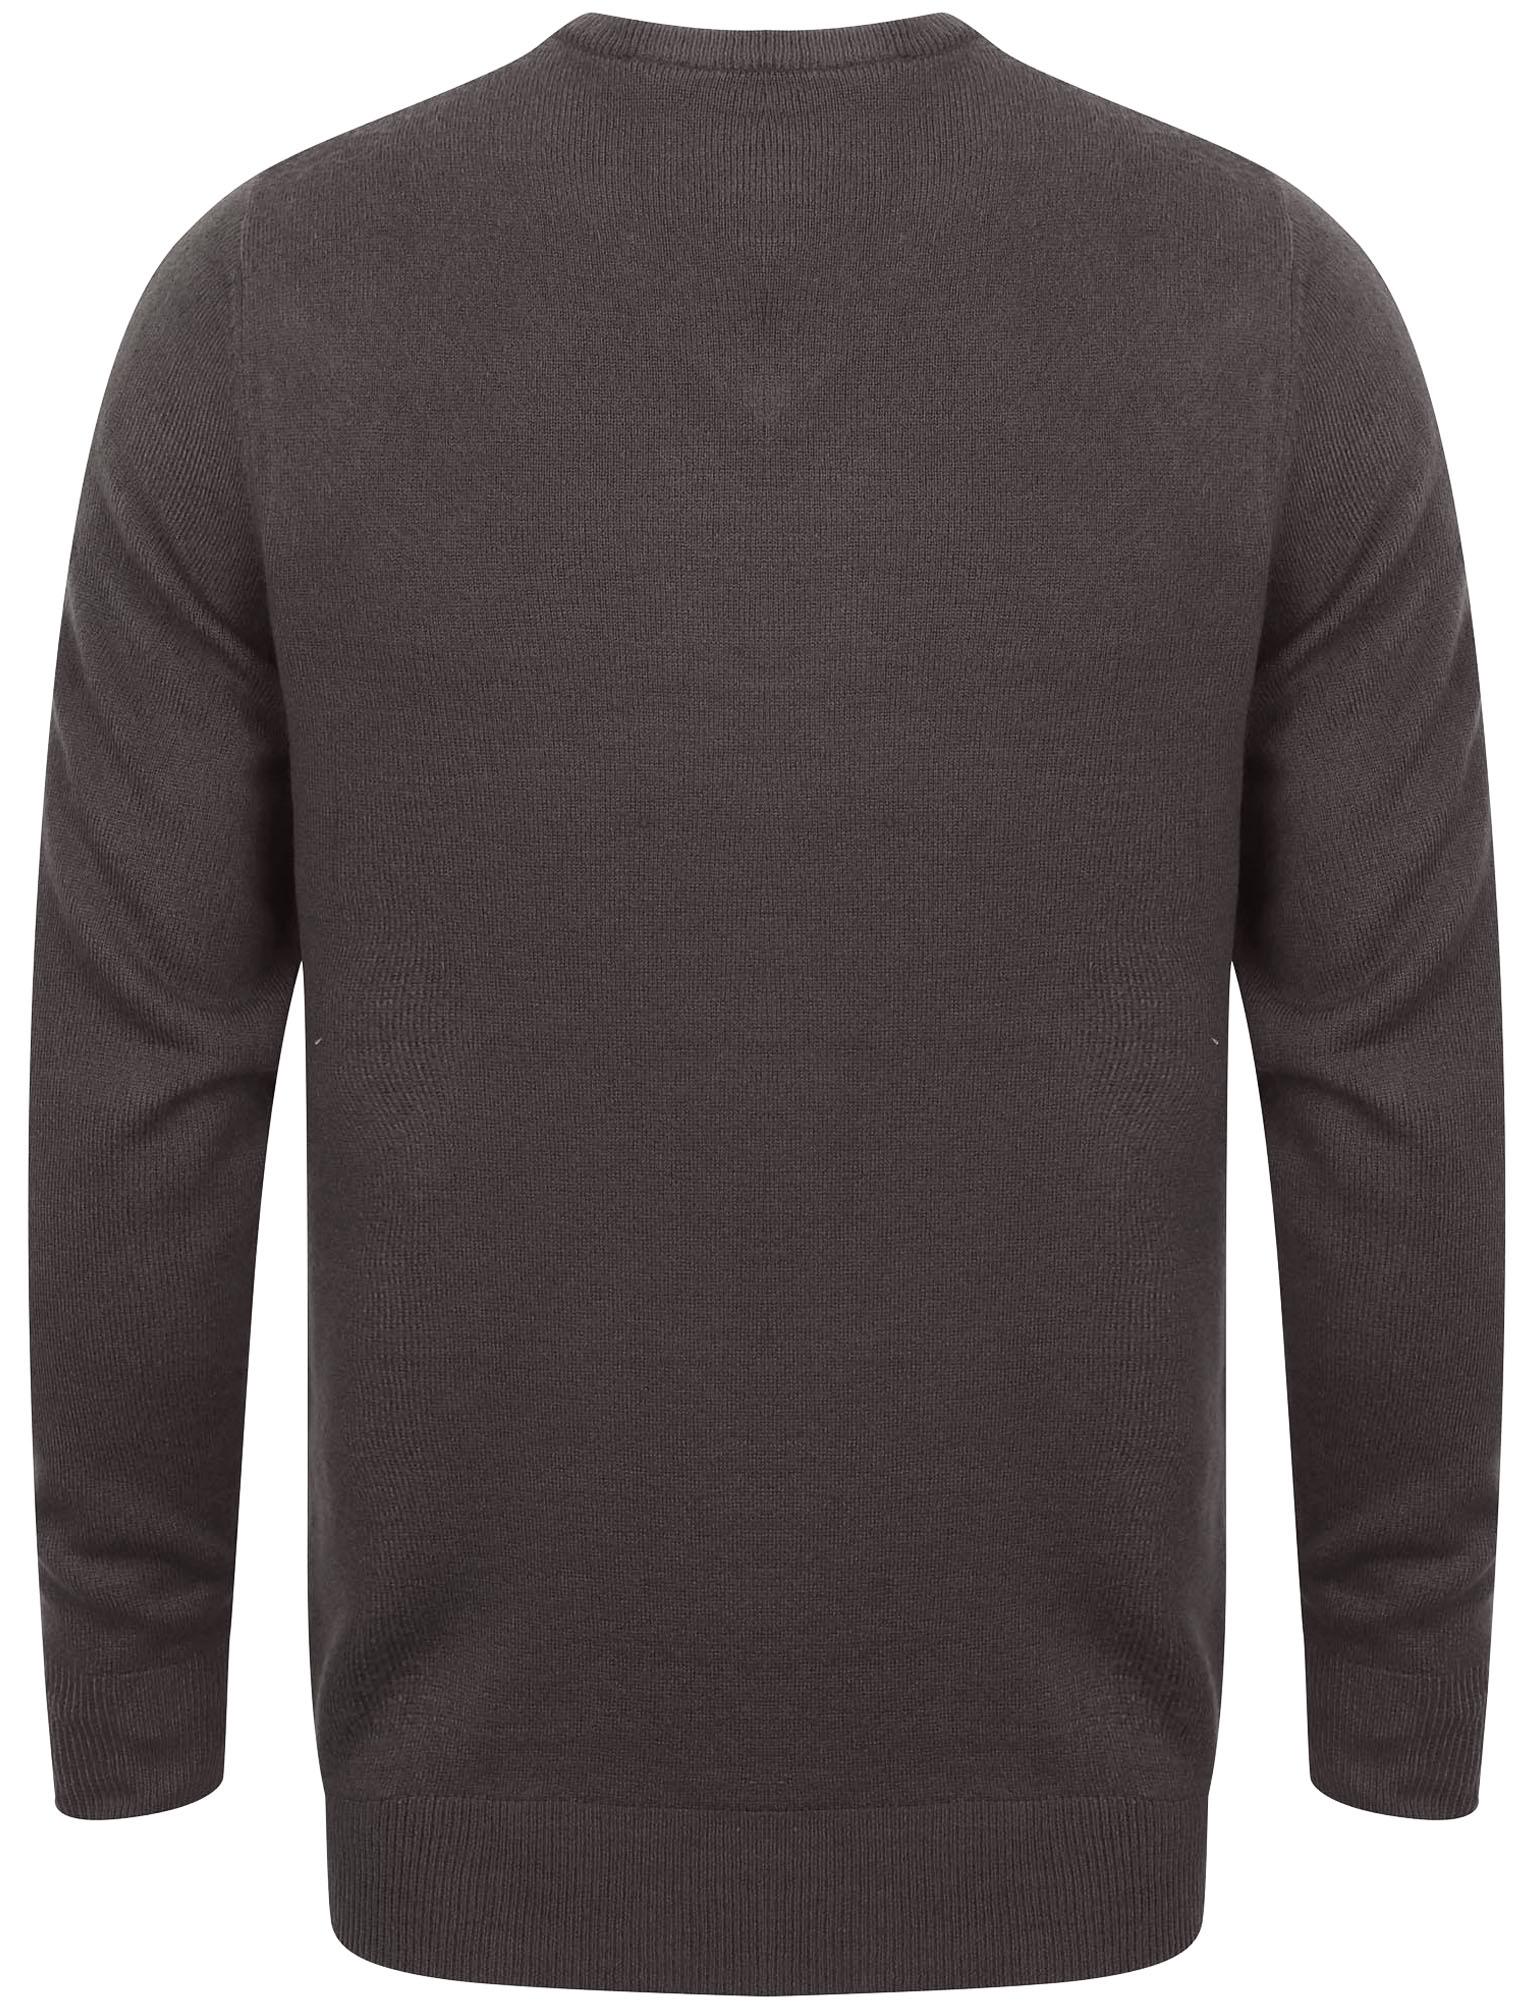 Kensington-Eastside-Men-039-s-Knitted-Crew-or-V-Neck-Jumper-Sweater-Top-Pullover thumbnail 100